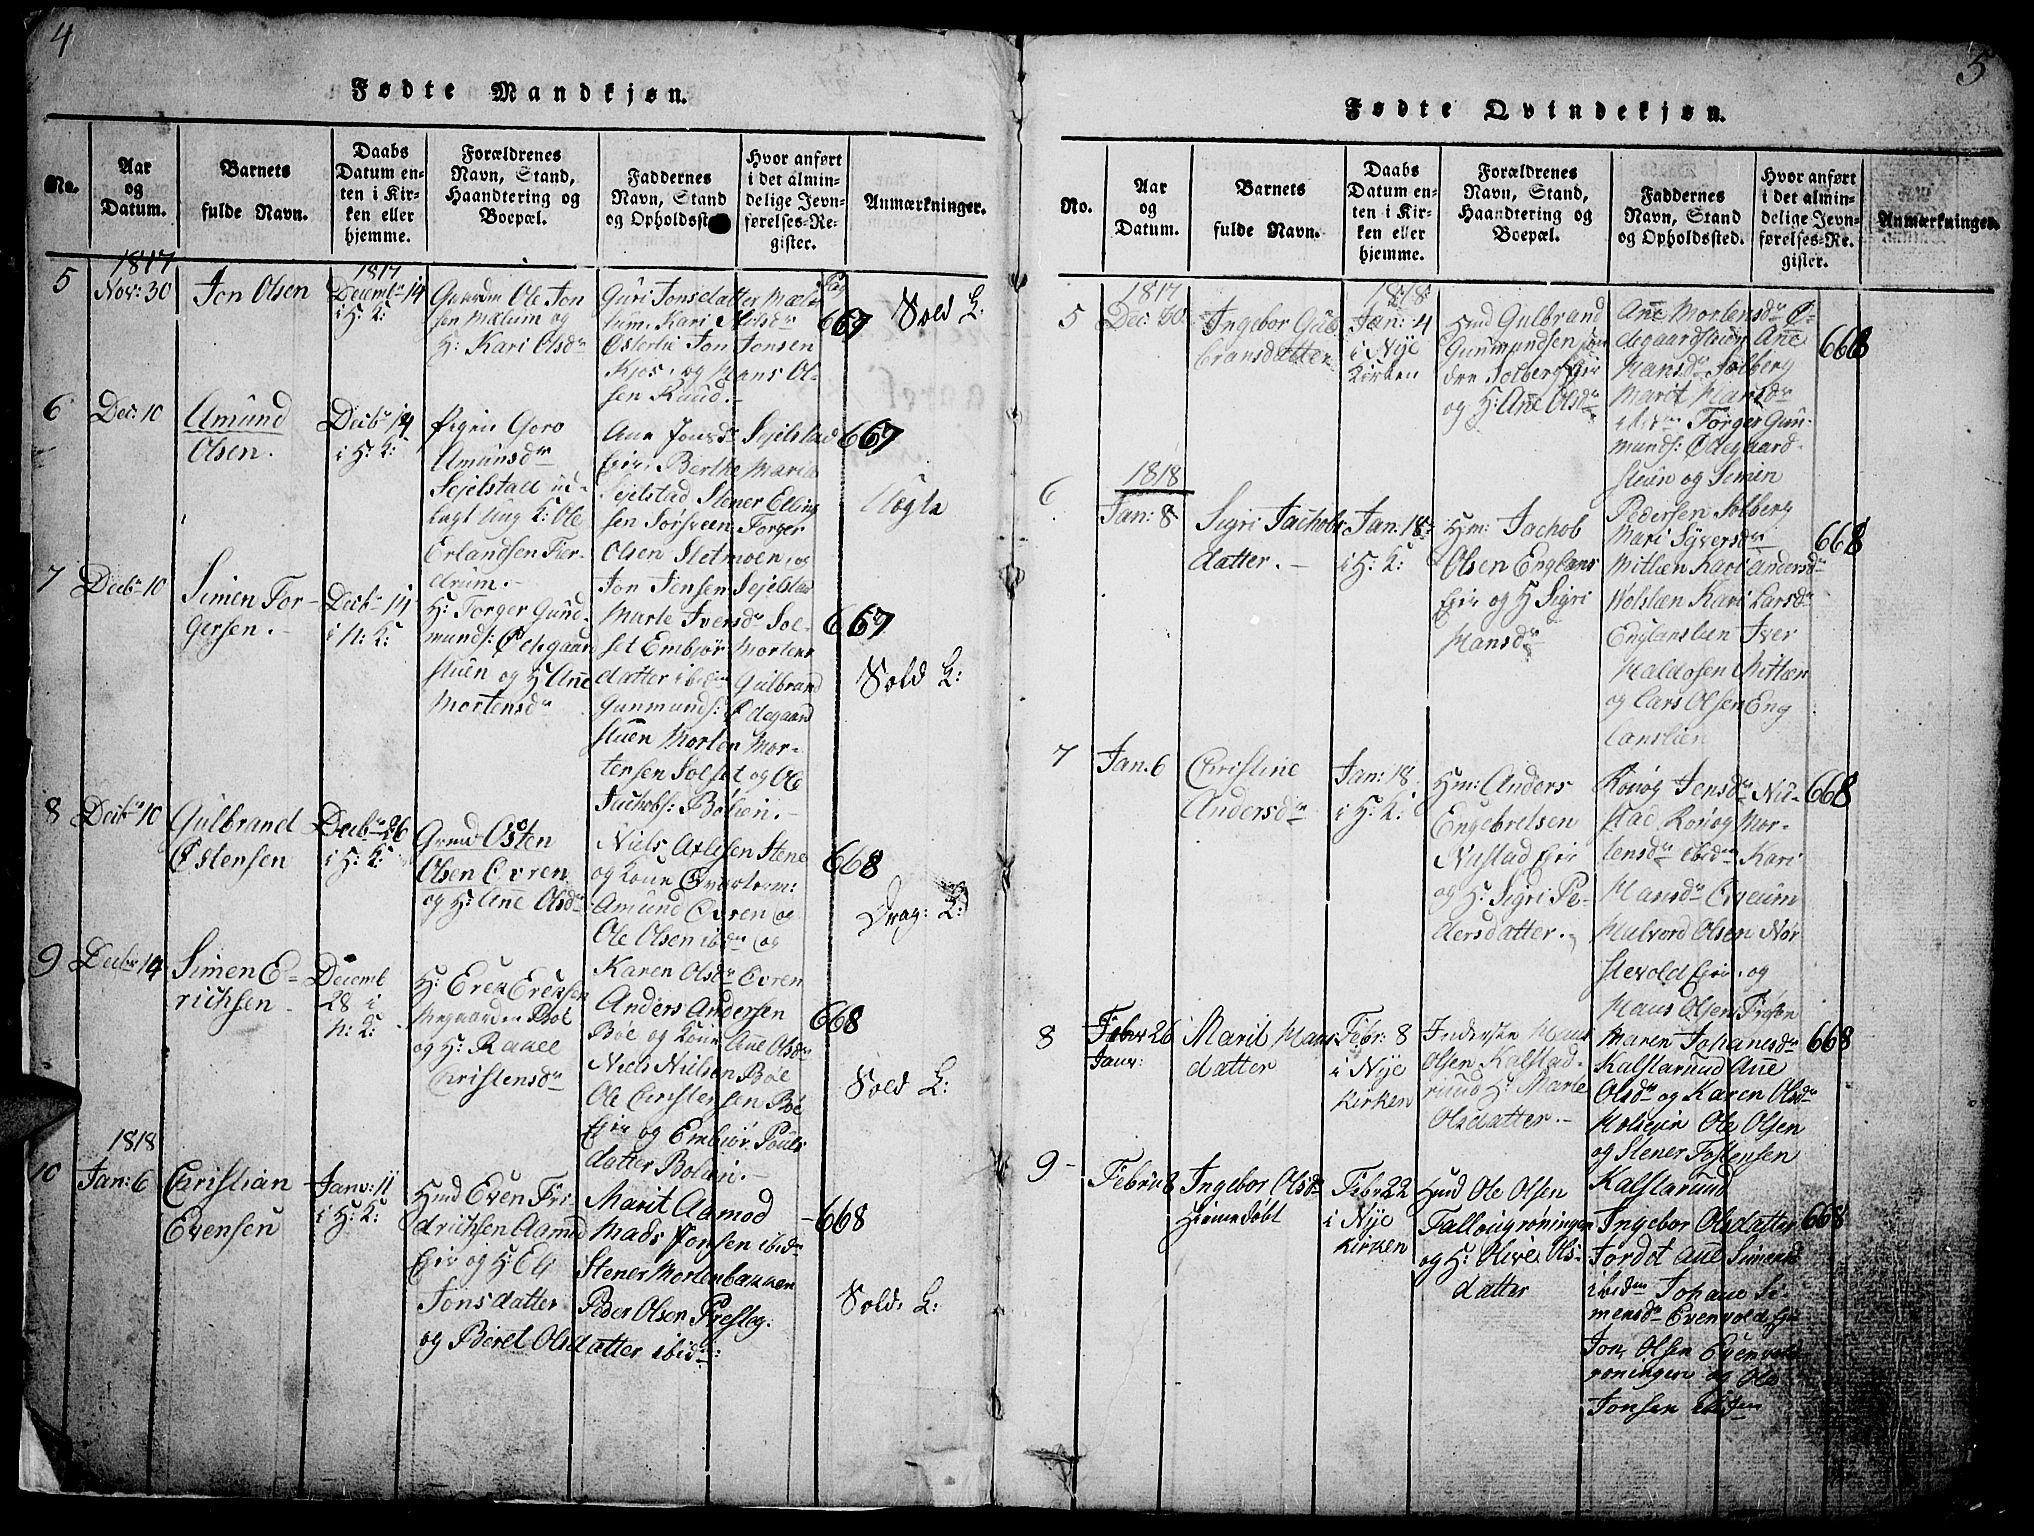 SAH, Gausdal prestekontor, Klokkerbok nr. 1, 1817-1848, s. 4-5